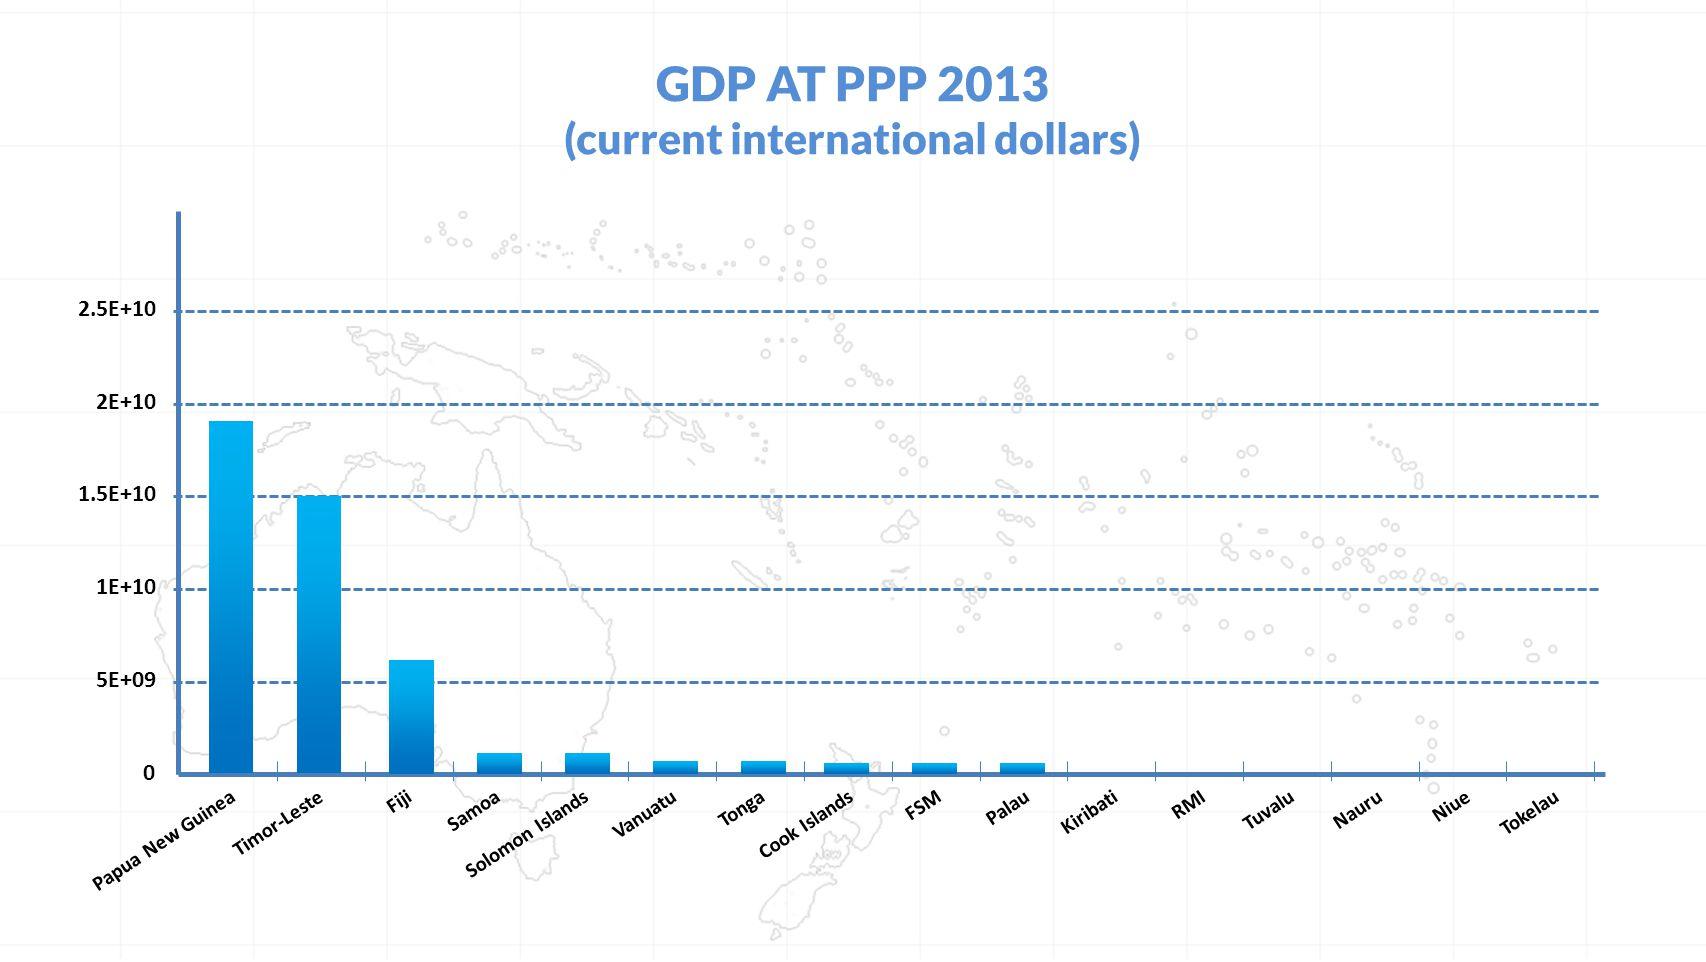 GDP PER CAPITA (CURRENT USD) 2012 AustraliaNew ZealandCook IslandsNauruPalauTimor-LesteFijiTongaTuvaluRMISamoaFSMVanuatuPapua New GuineaSolomon IslandsKiribatiNiueTokelau 0 50,000 40,000 30,000 20,000 10,000 60,000 70,000 80,000